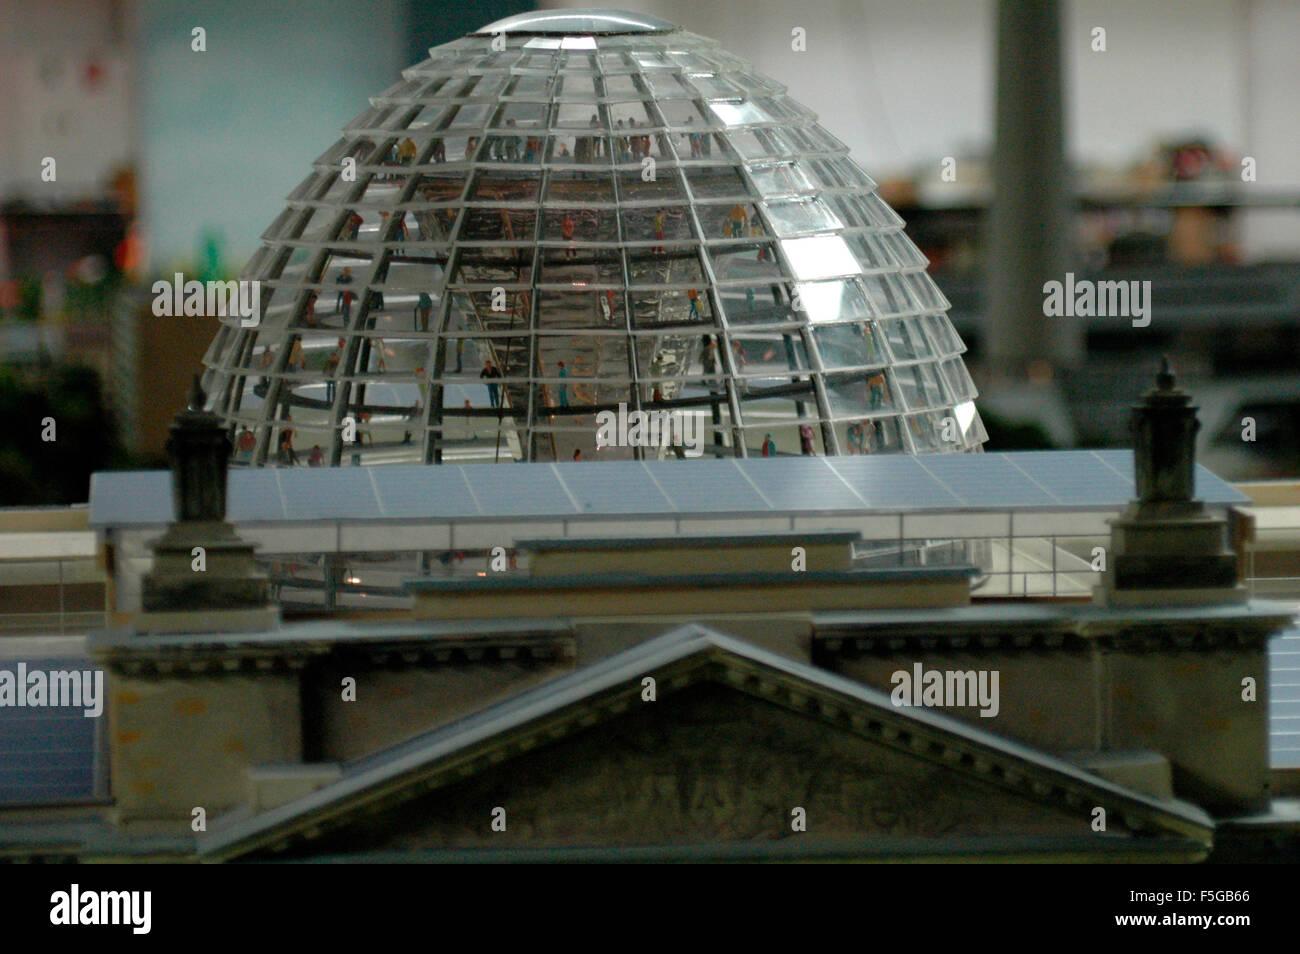 Modell Reichstag, Kuppel - 'Loxx': eine grosse Modelleisenbahnanlage, in die zahlreiche Modelle Berliner - Stock Image